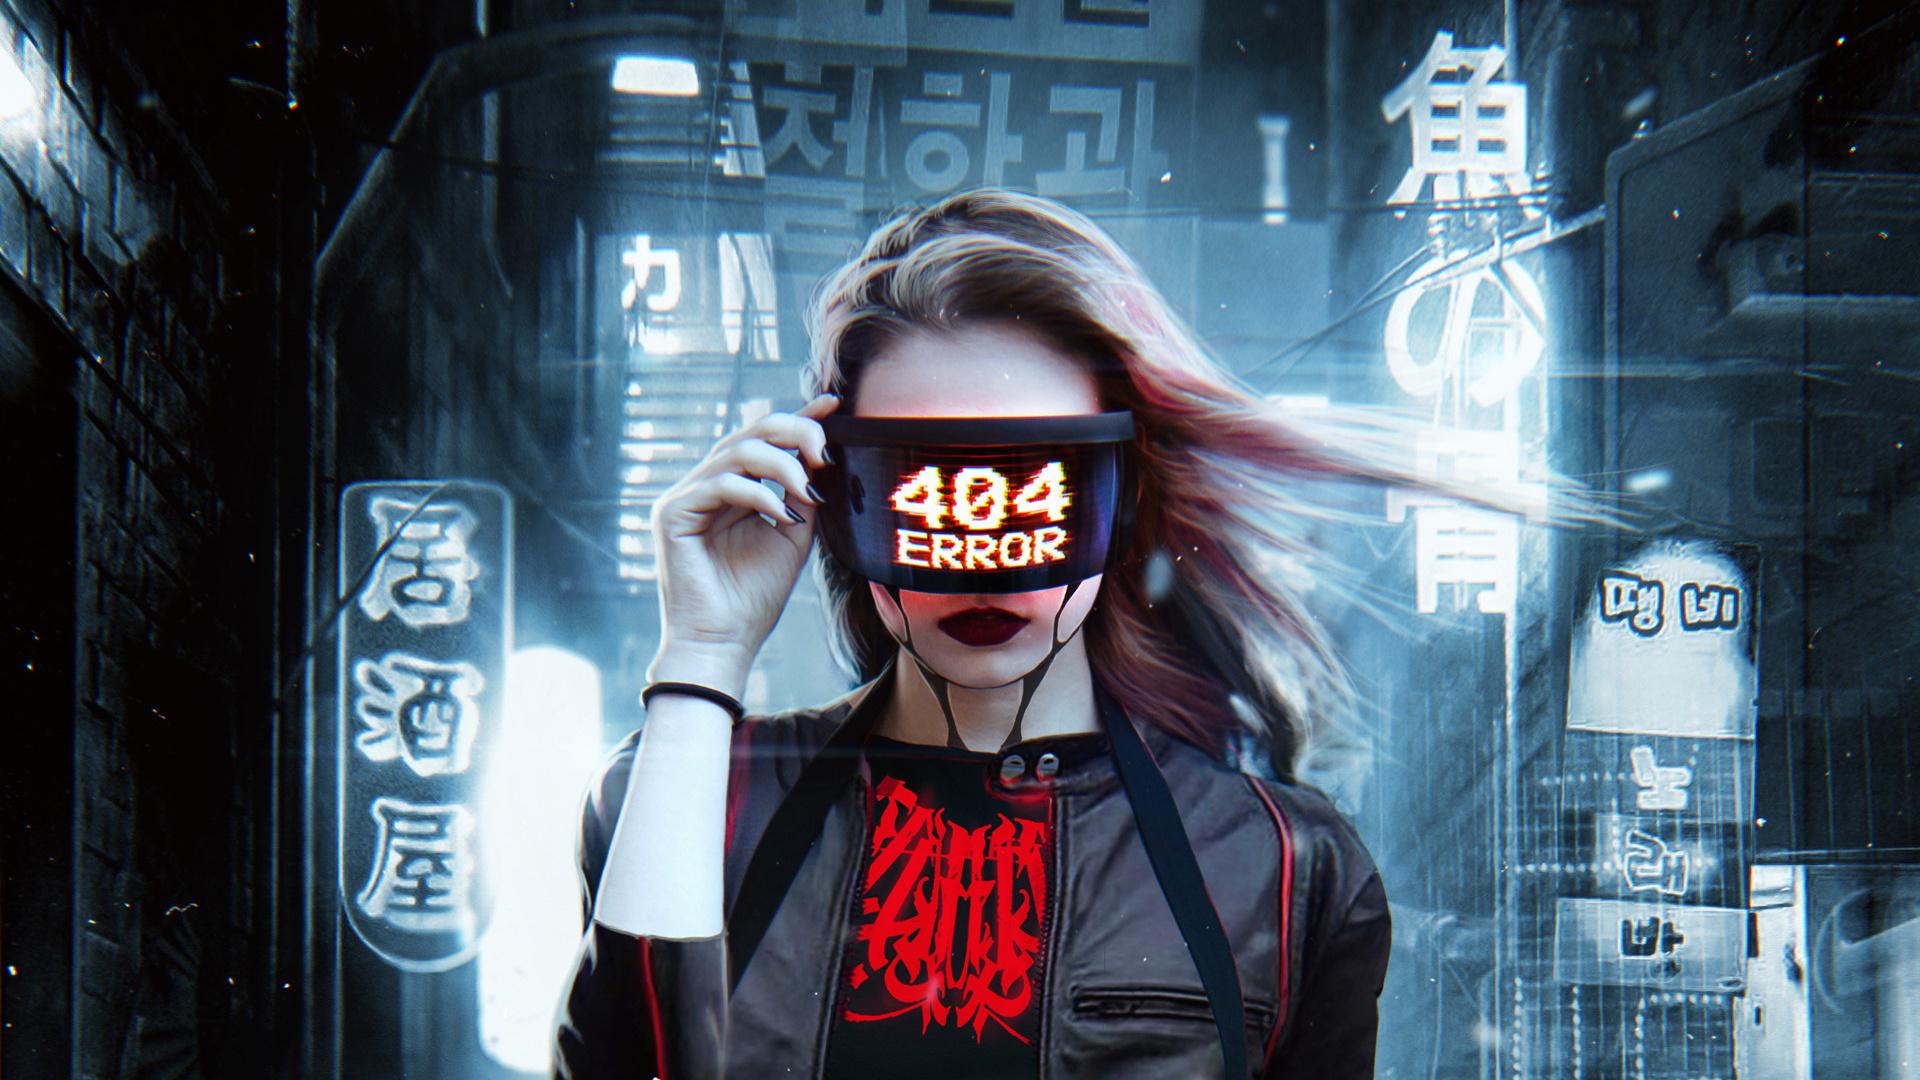 Cyberpunk Mask Wallpaper Image